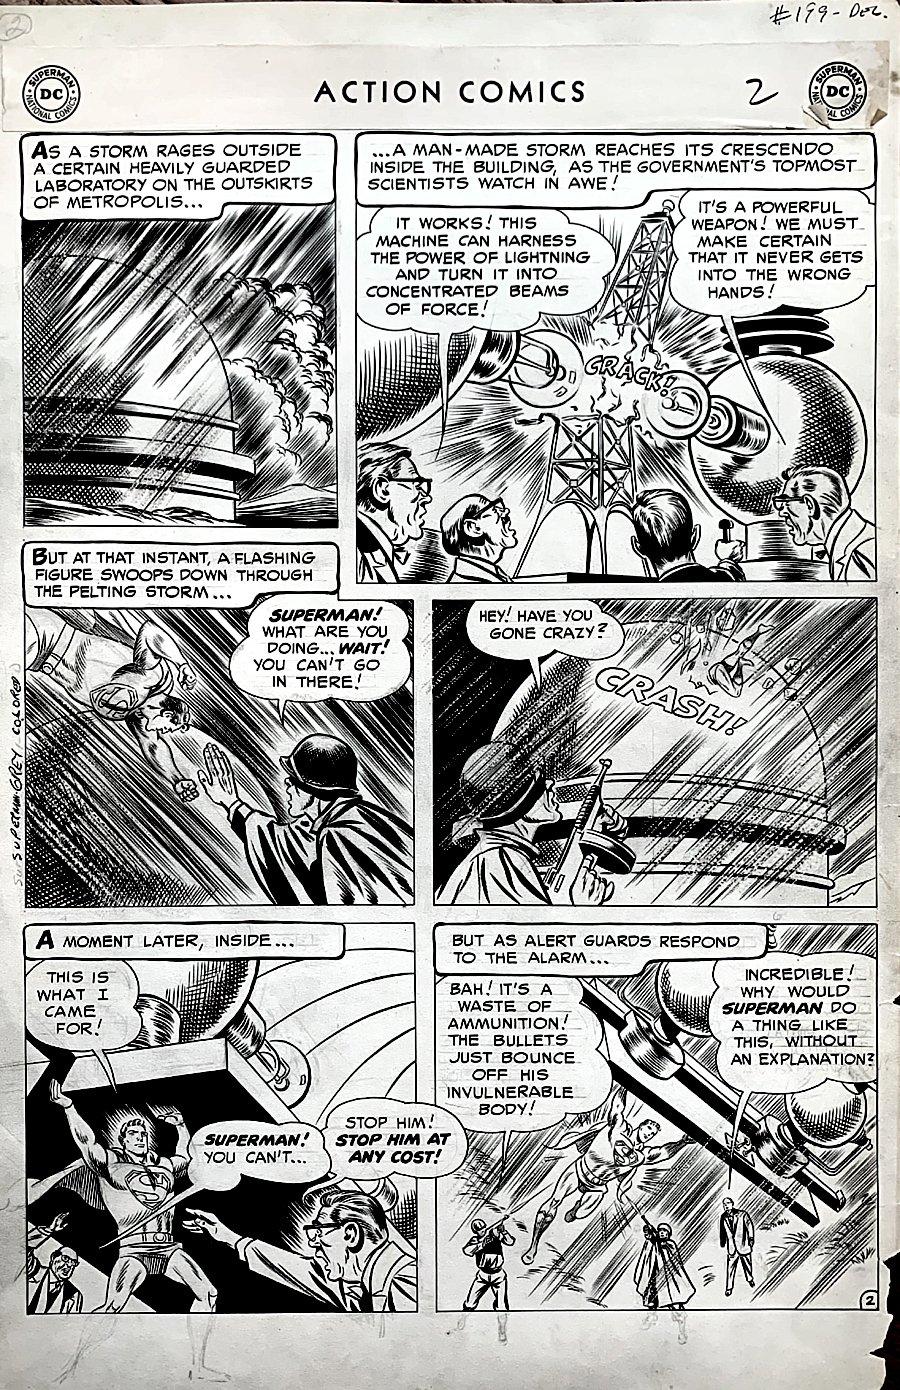 Action Comics #199 p 2 (GOLDEN AGE SUPERMAN ACTION PAGE!) LARGE ART - 1954